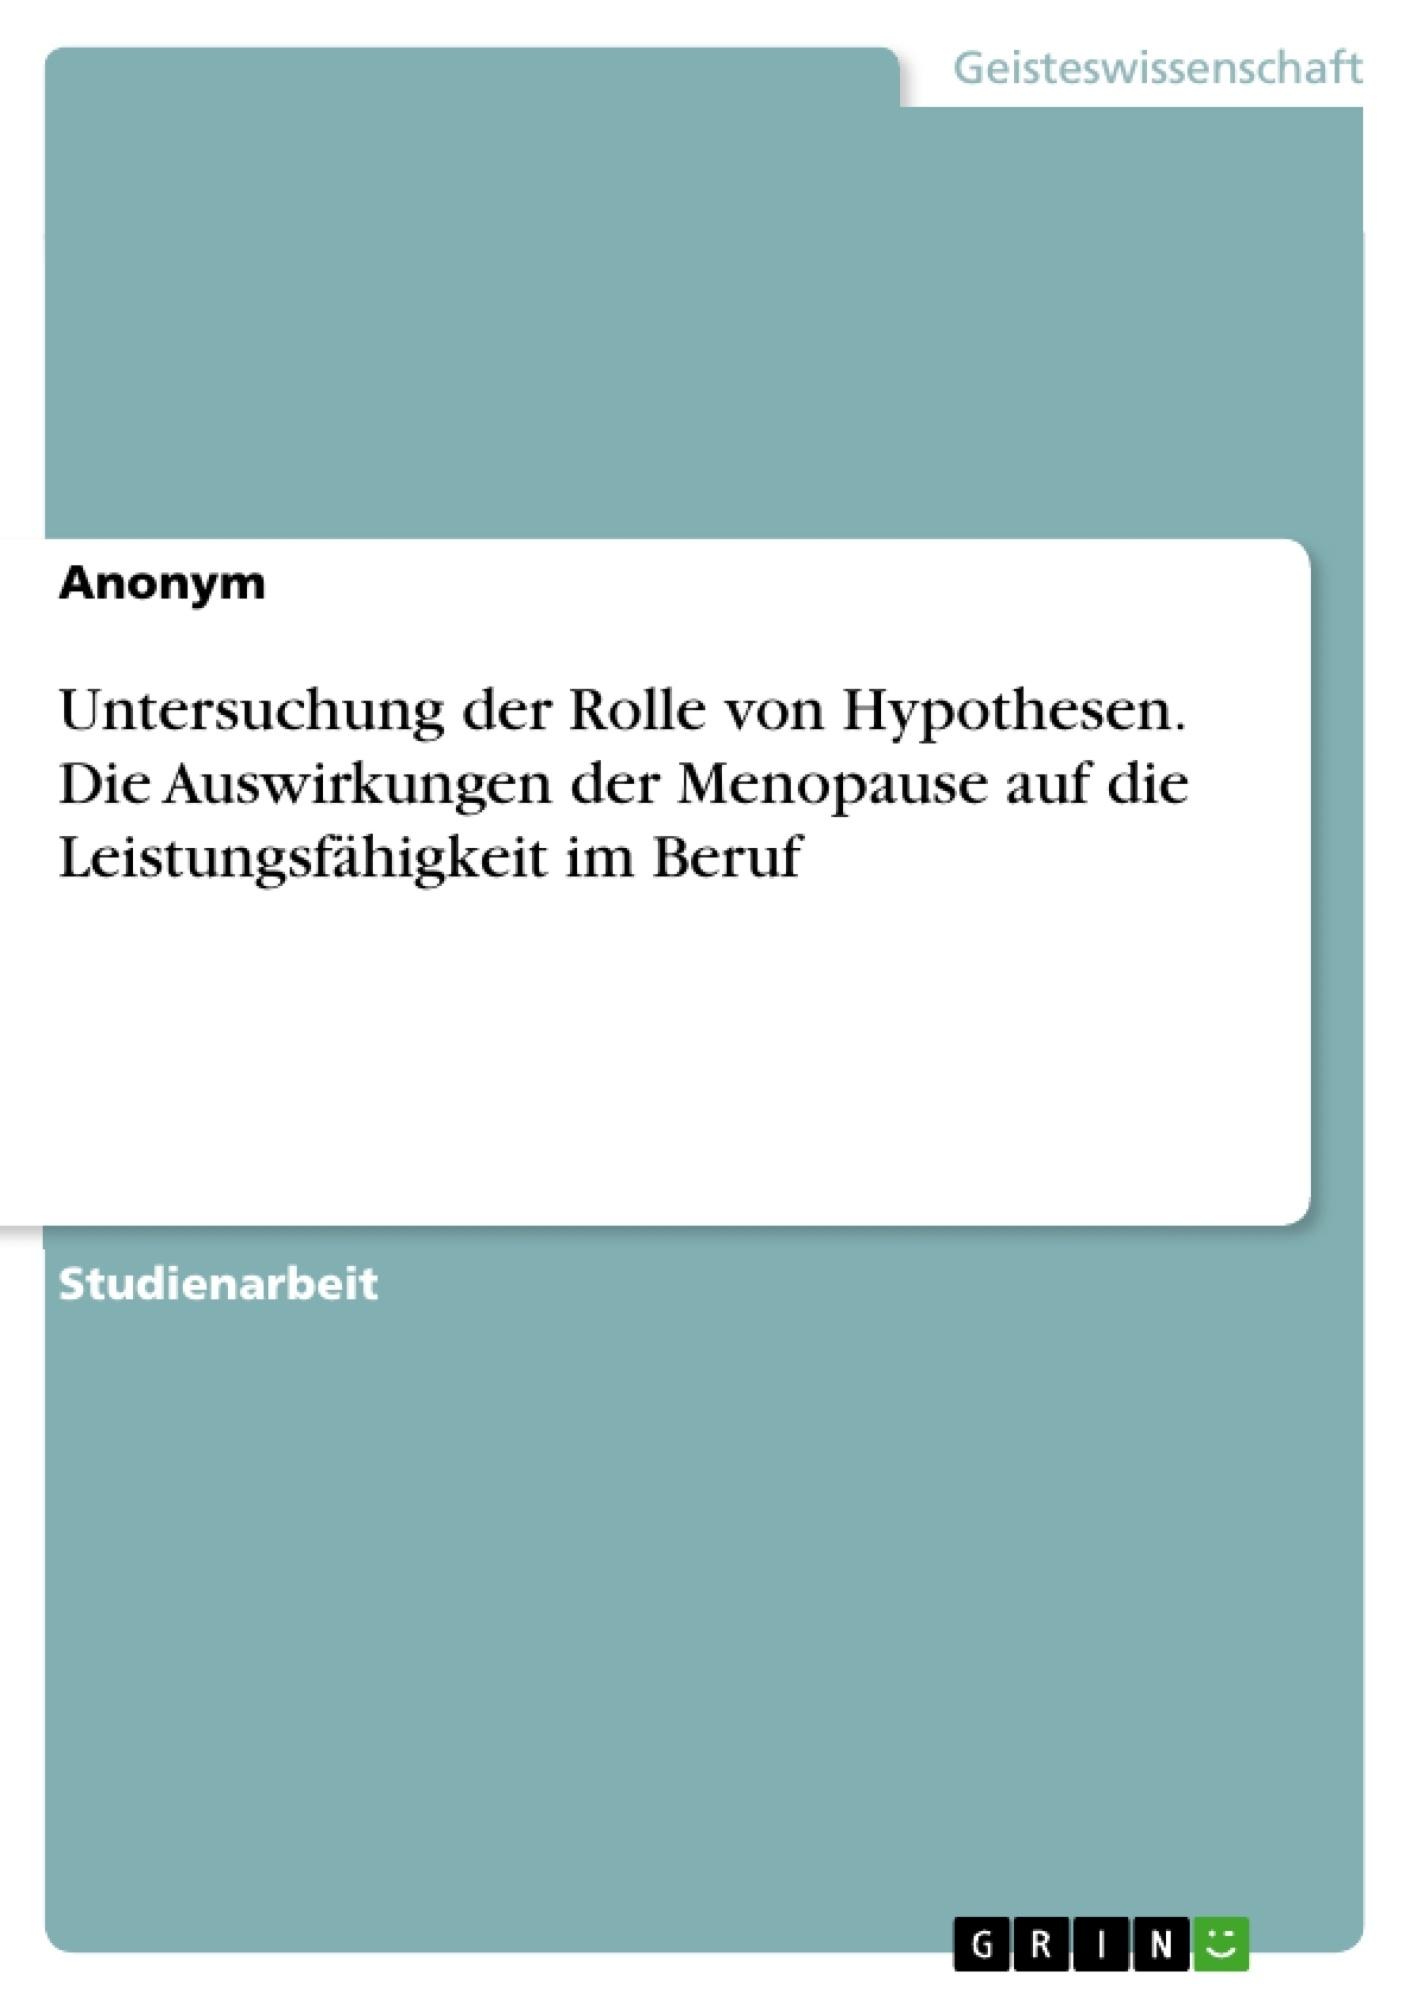 Titel: Untersuchung der Rolle von Hypothesen. Die Auswirkungen der Menopause auf die Leistungsfähigkeit im Beruf